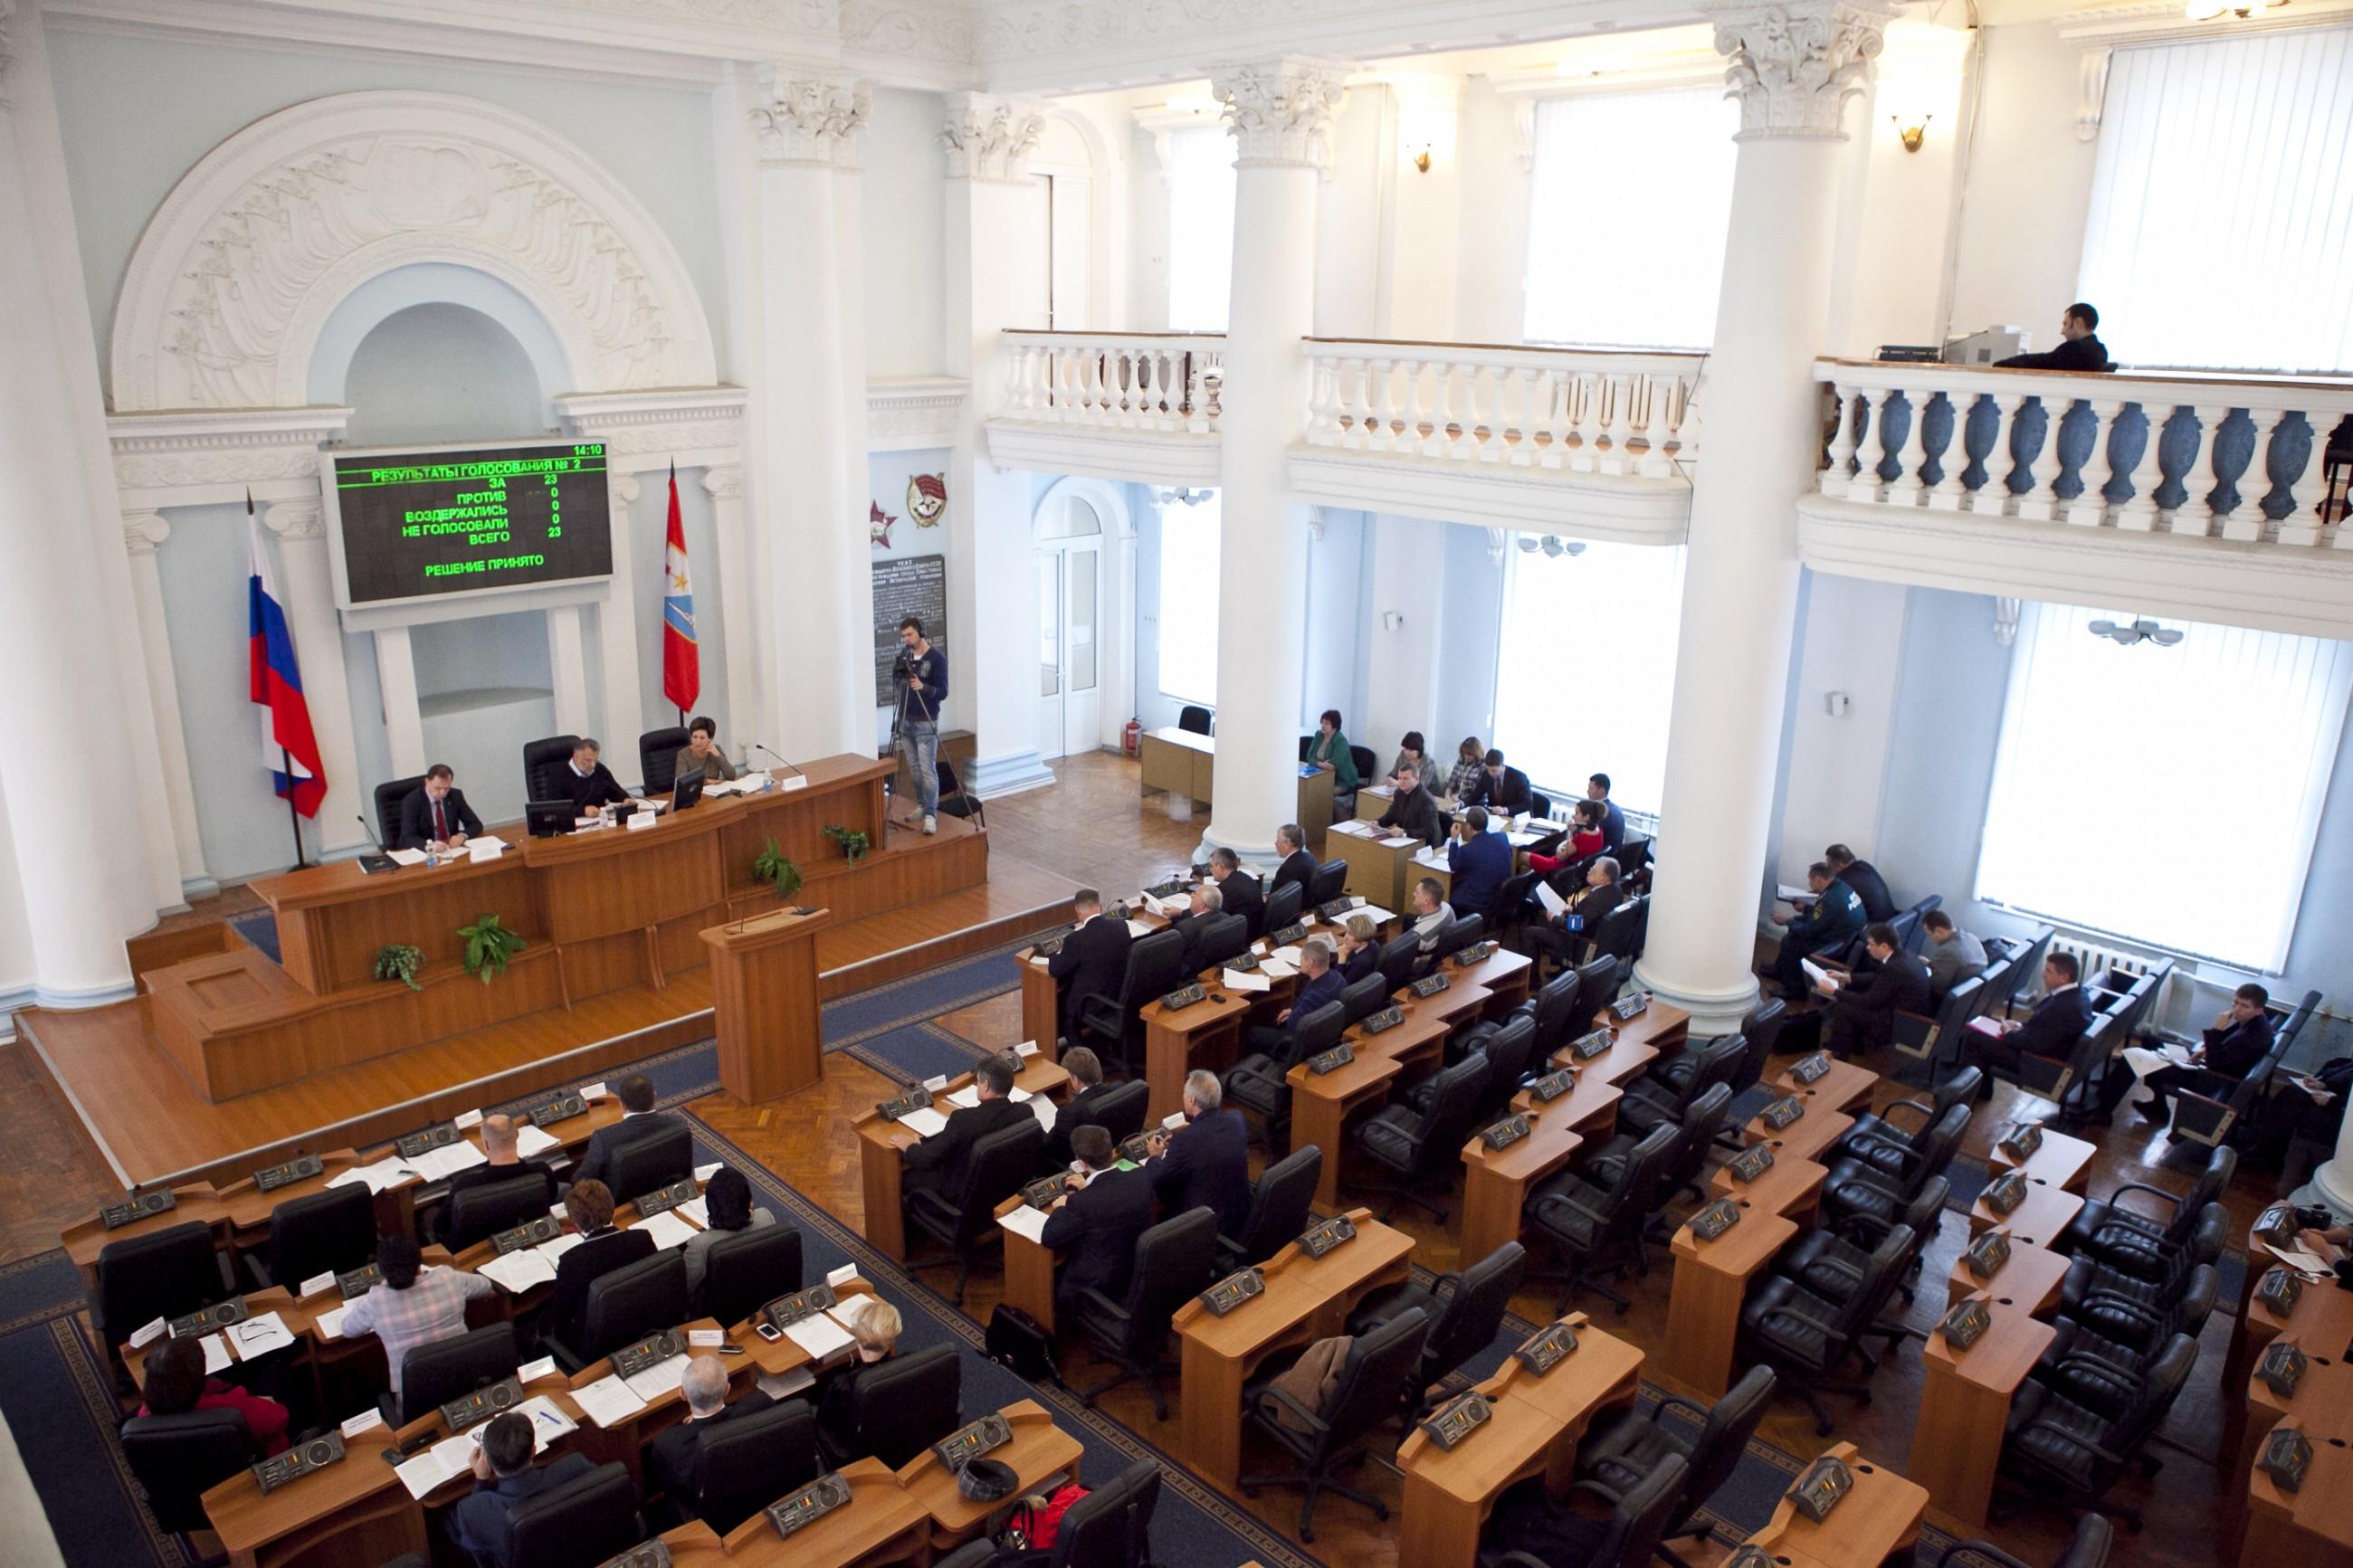 Основные тезисы заключения рабочей группы по результатам публичных слушаний по законопроекту о бюджете